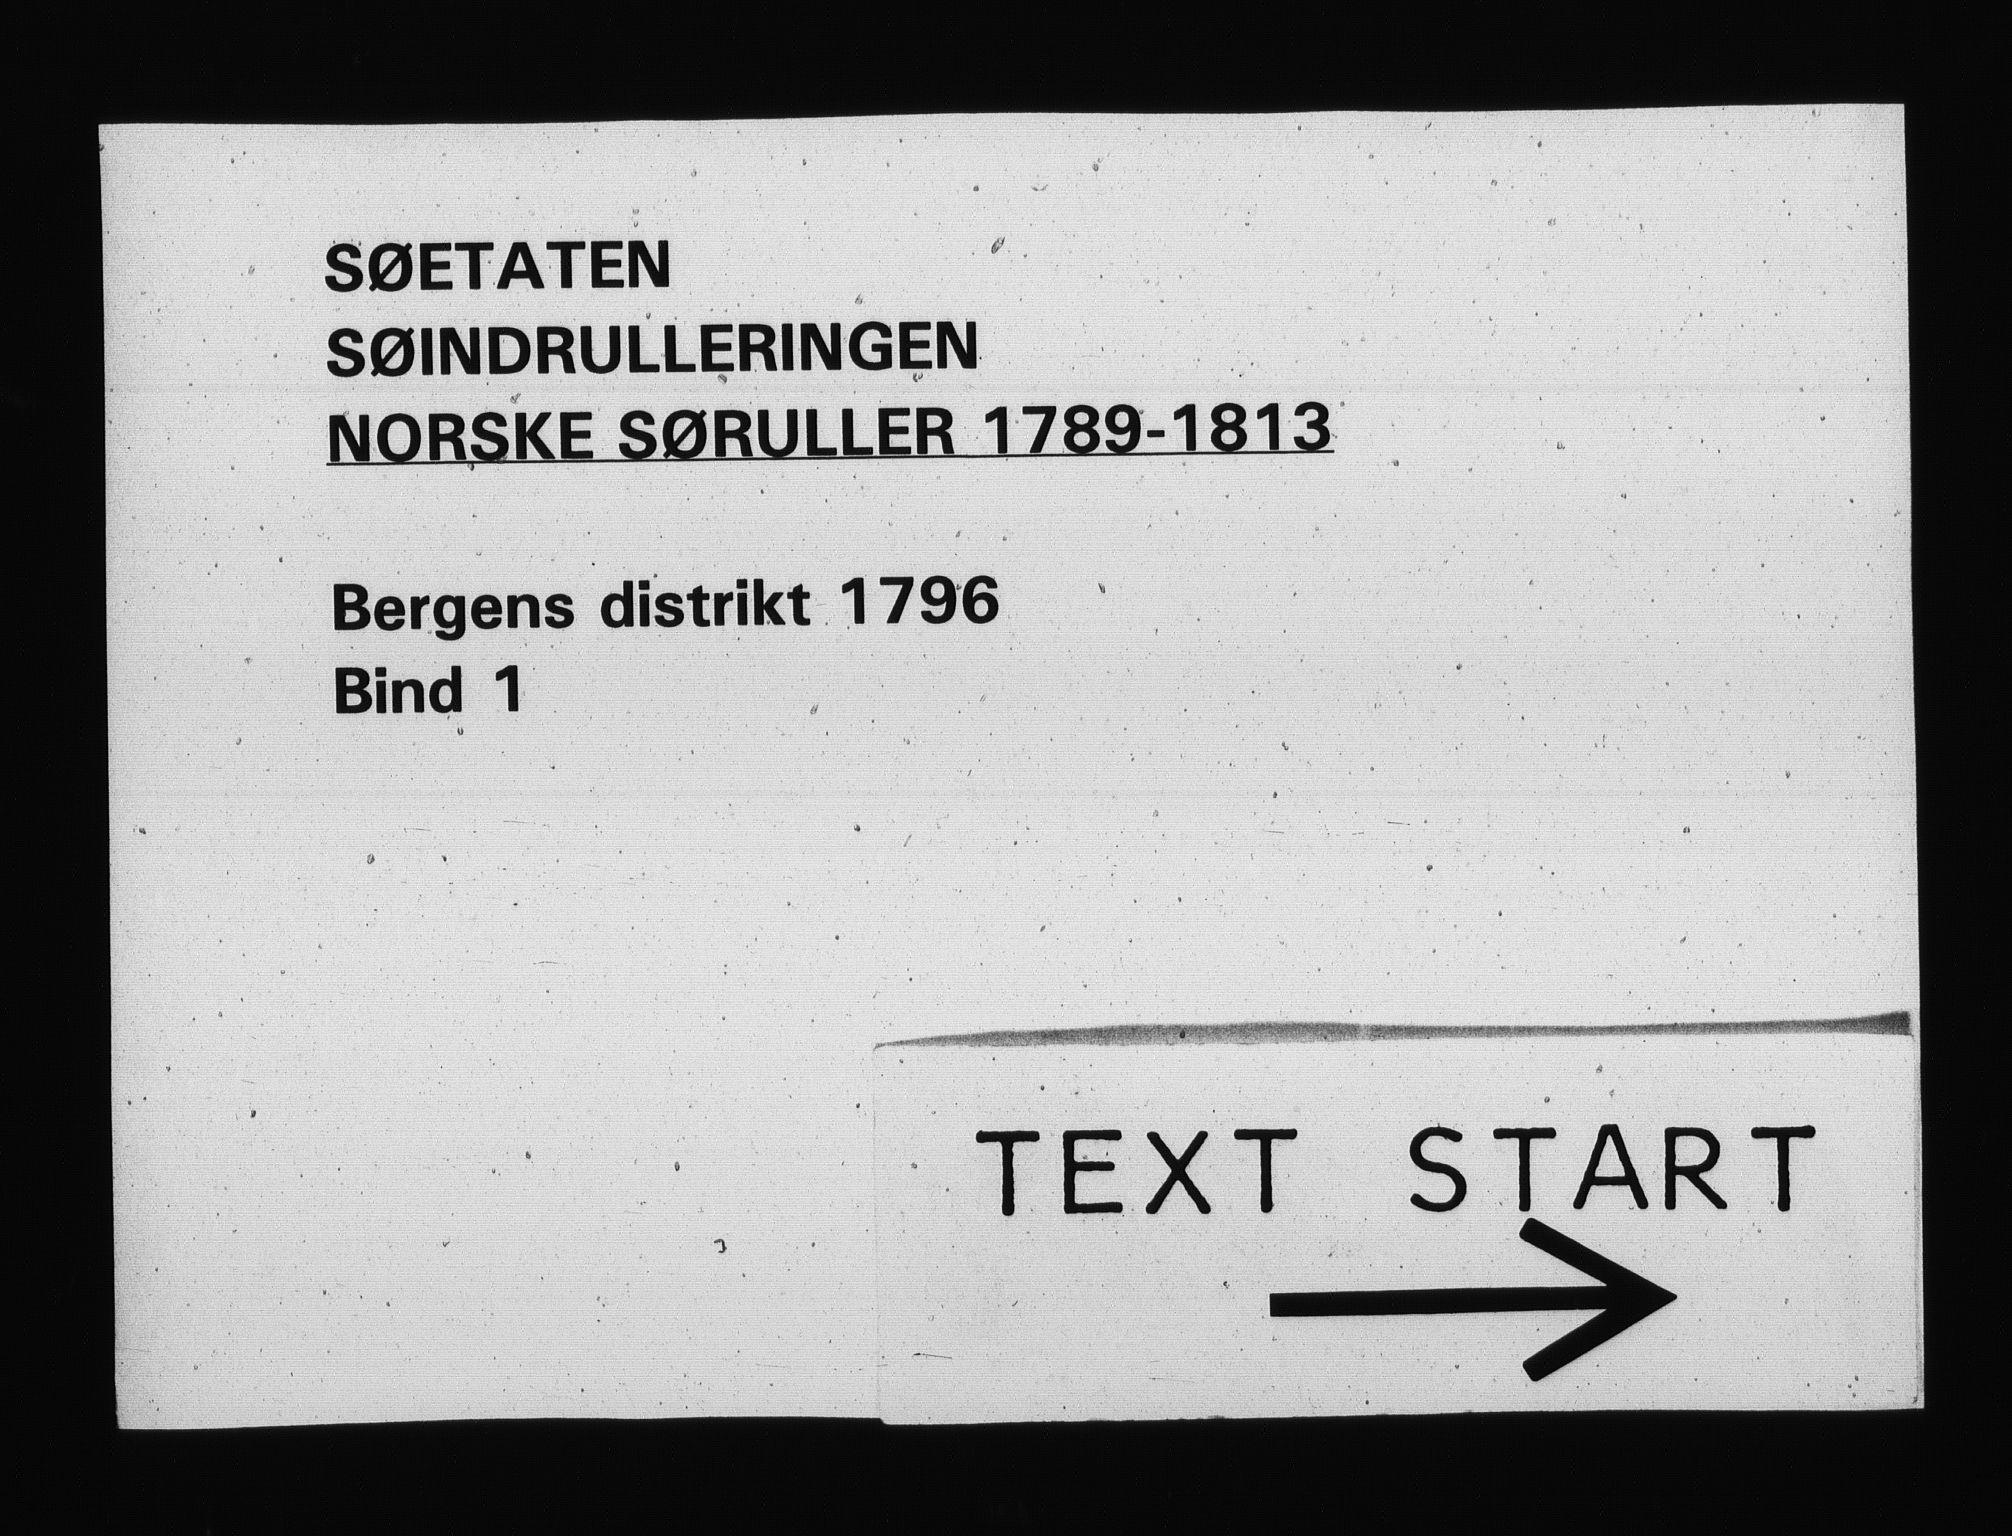 RA, Sjøetaten, F/L0223: Bergen distrikt, bind 1, 1796